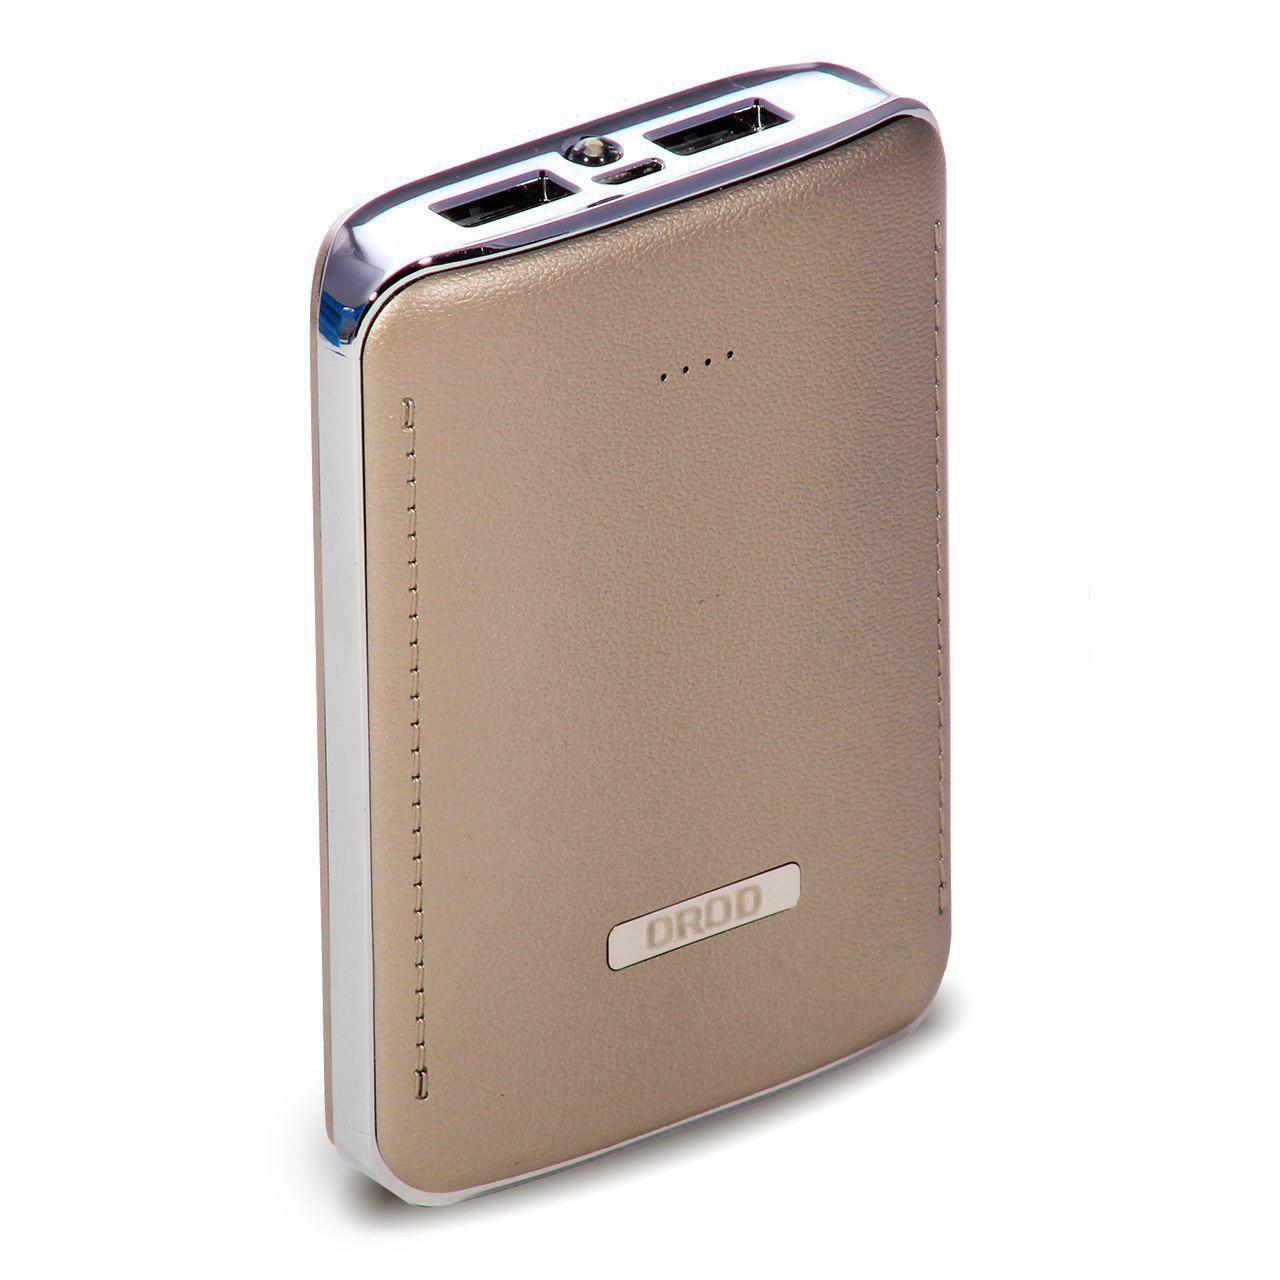 شارژر همراه ارد مدل OP-78CP با ظرفیت 7800 میلی آمپر ساعت